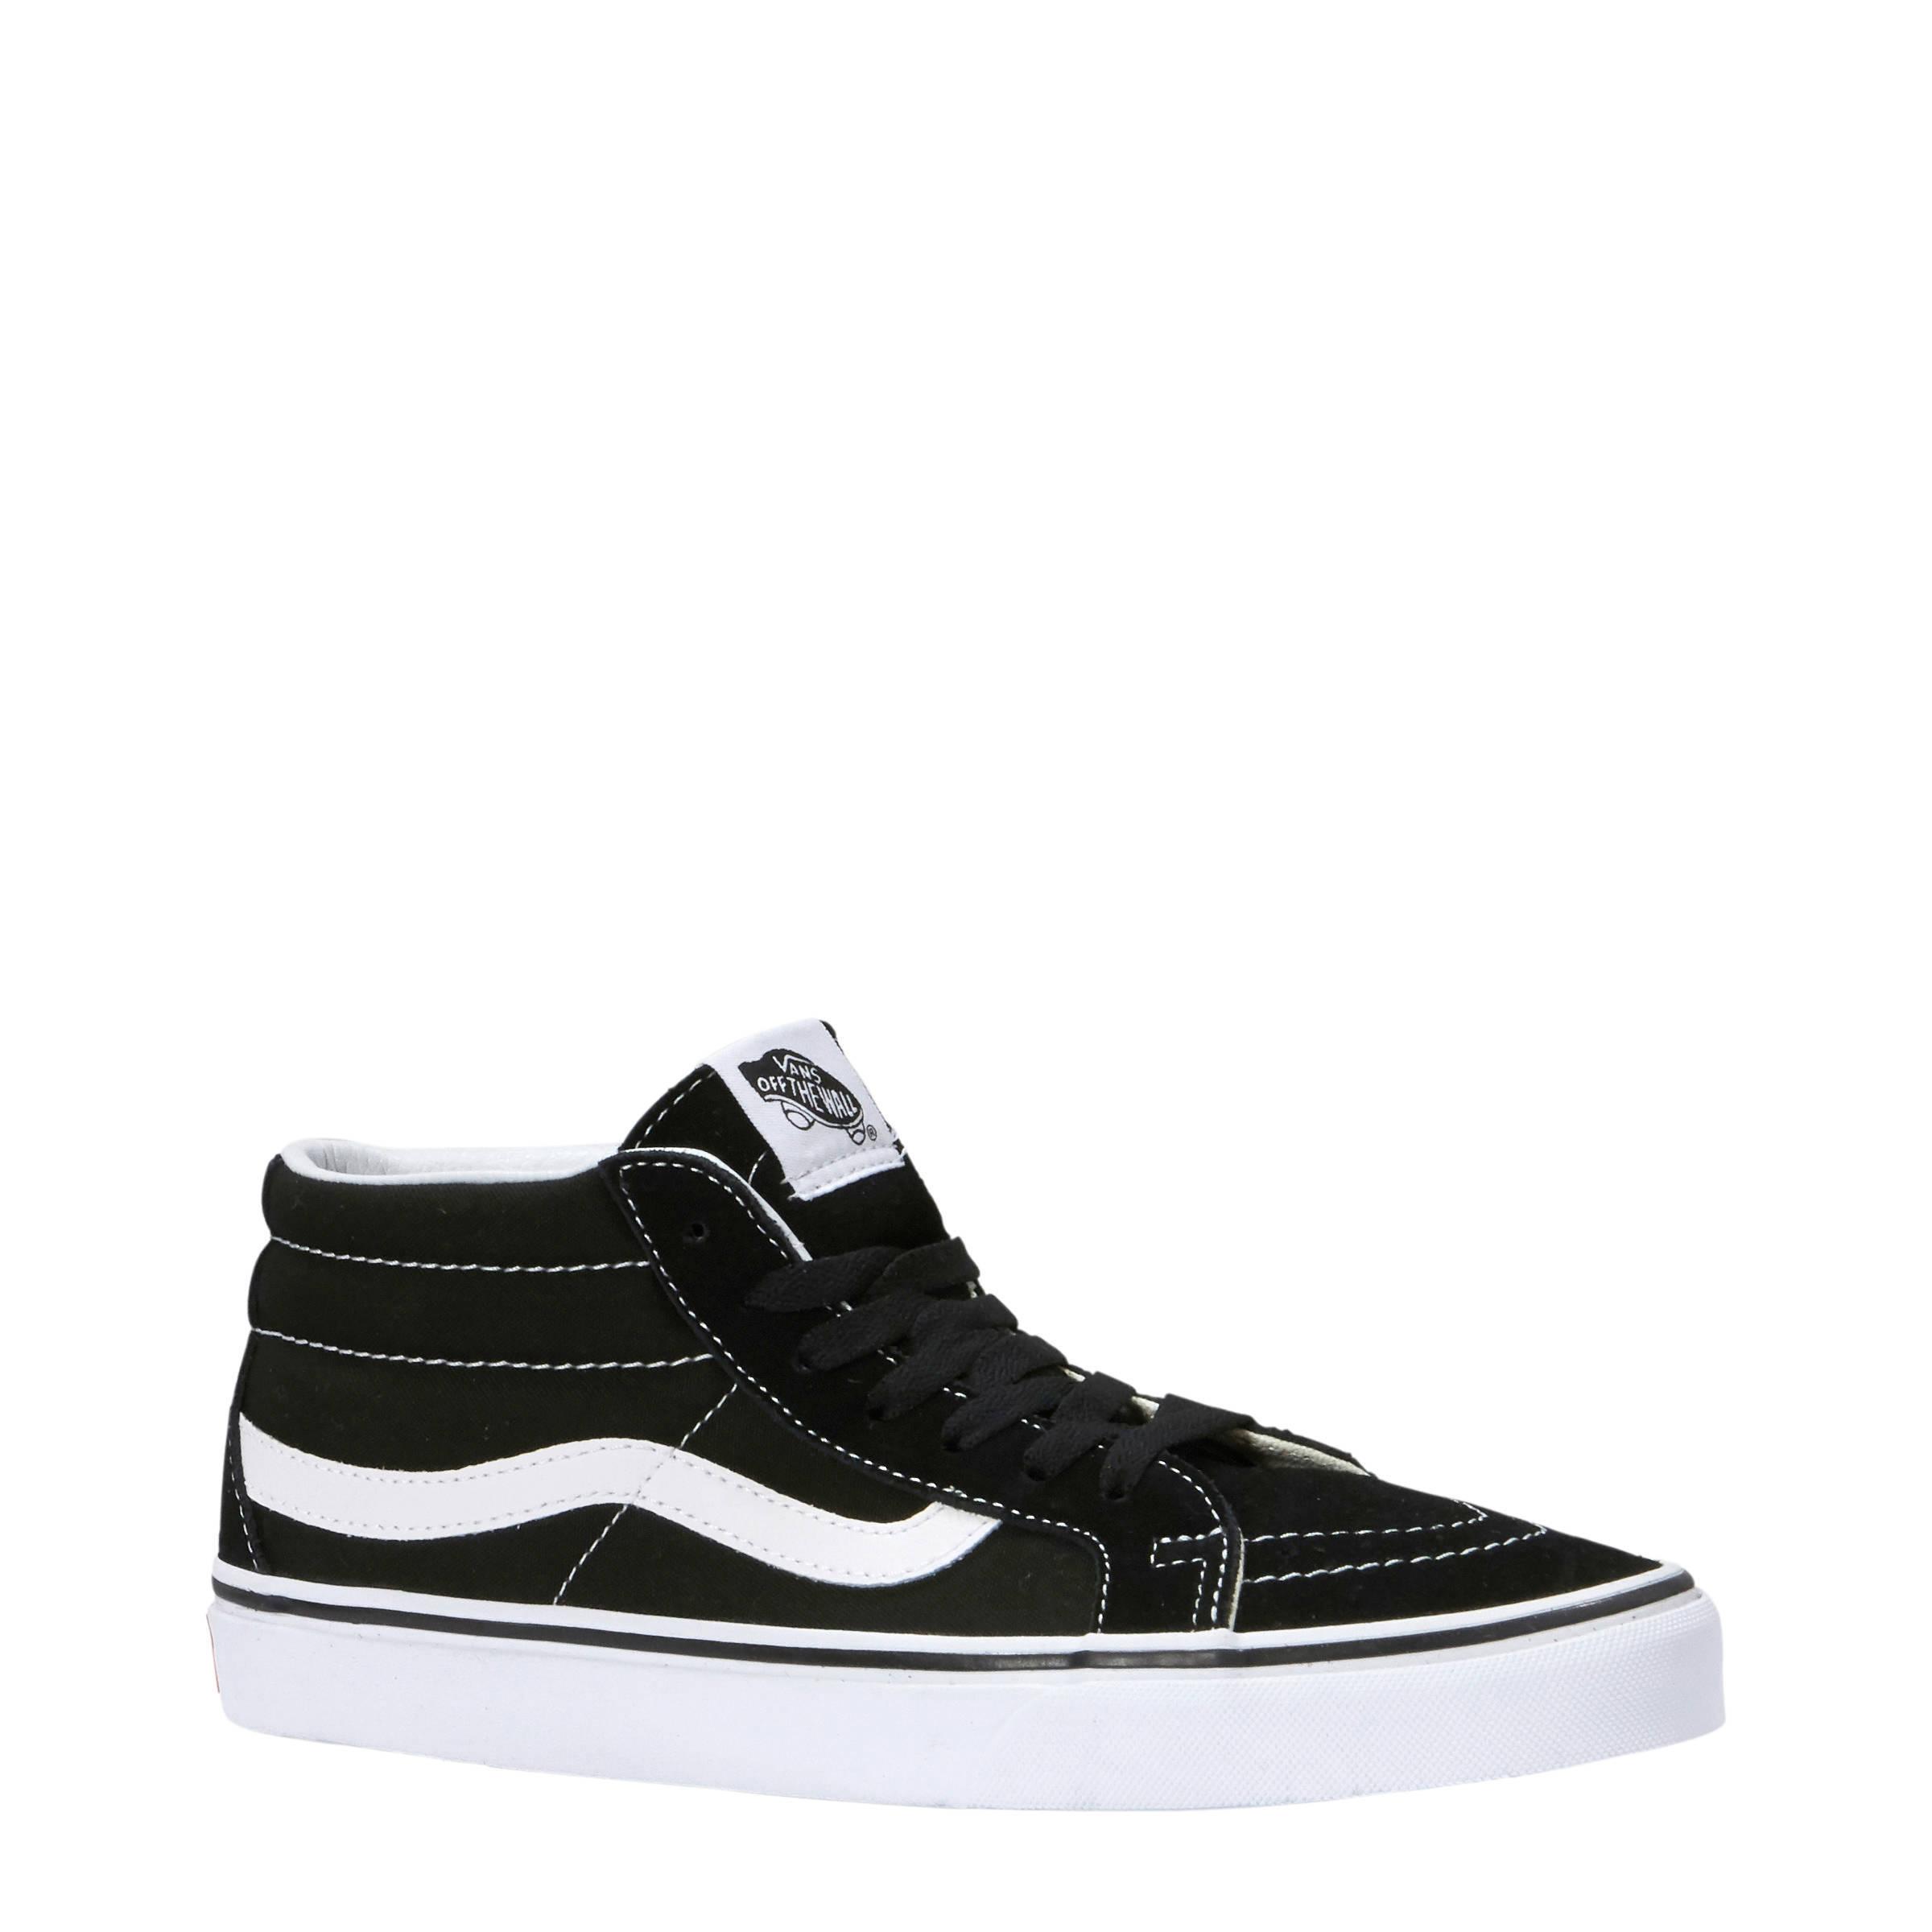 VANS Sk8-Mid Reissue sneakers | wehkamp